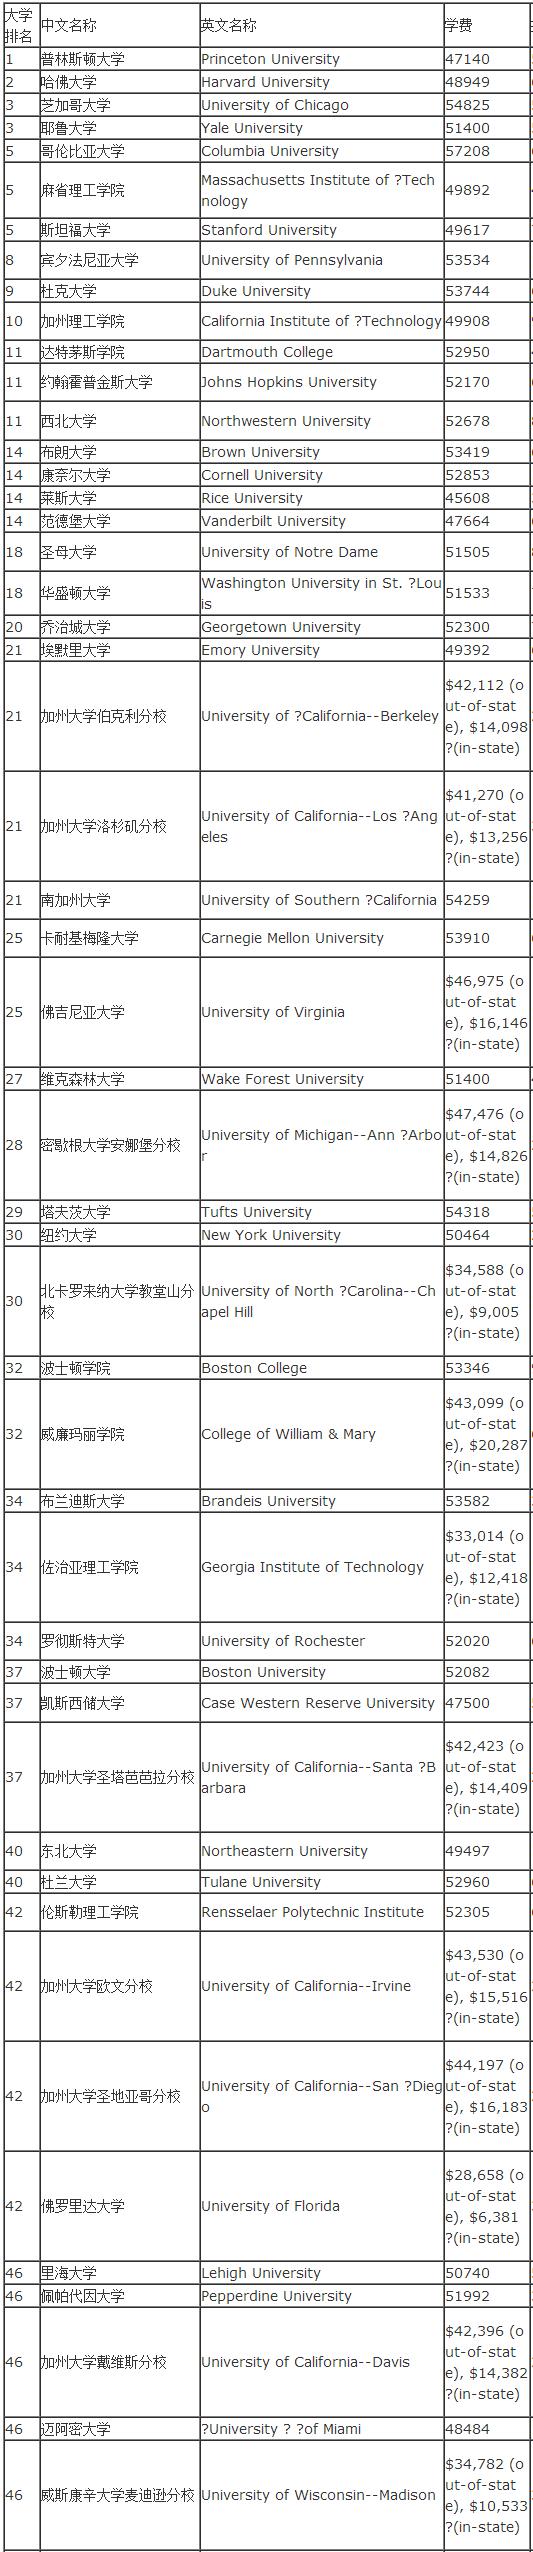 2018年US News美国大学学费排名TOP50.png